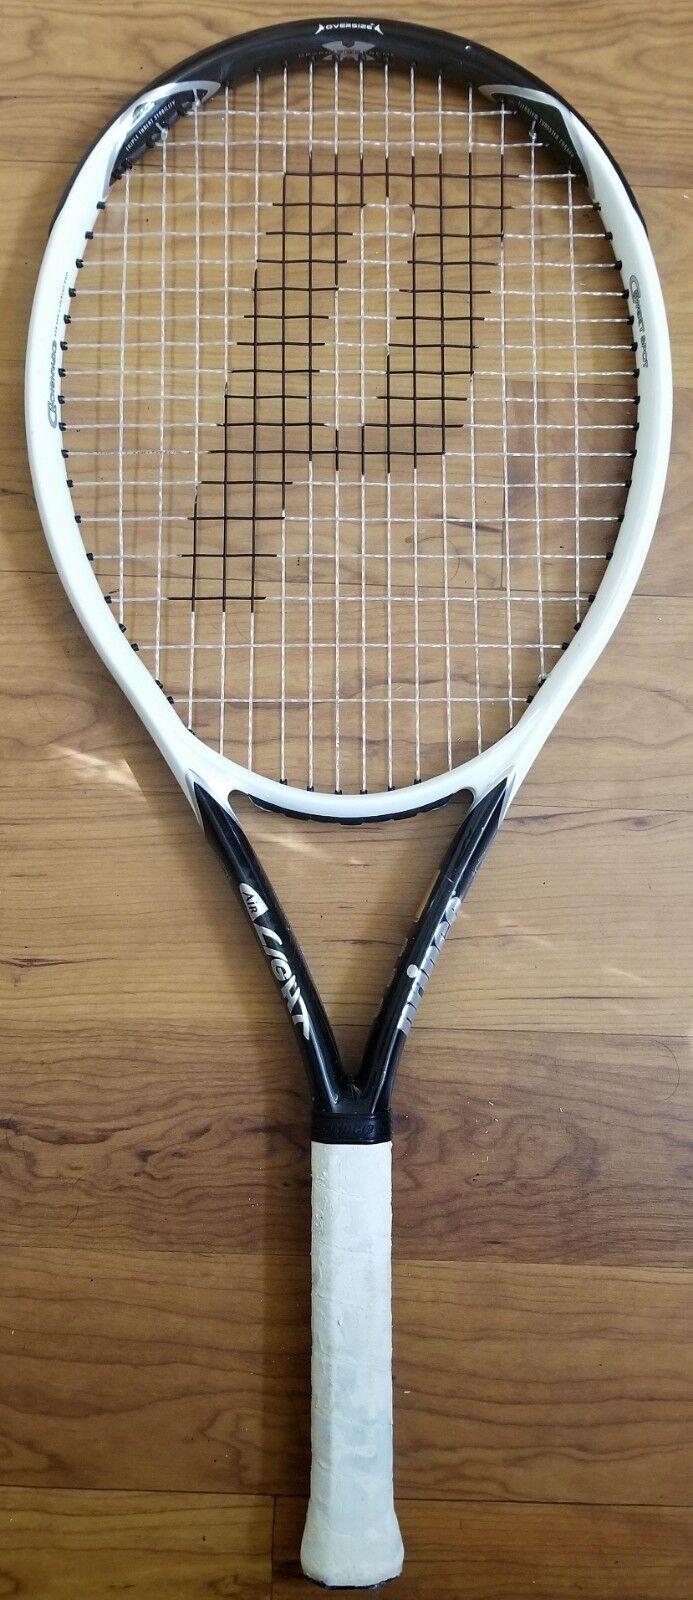 Luz de aire triple amenaza Prince Tenis Raqueta Raqueta Raqueta Agarre Talla 3 4 3 8  32c797